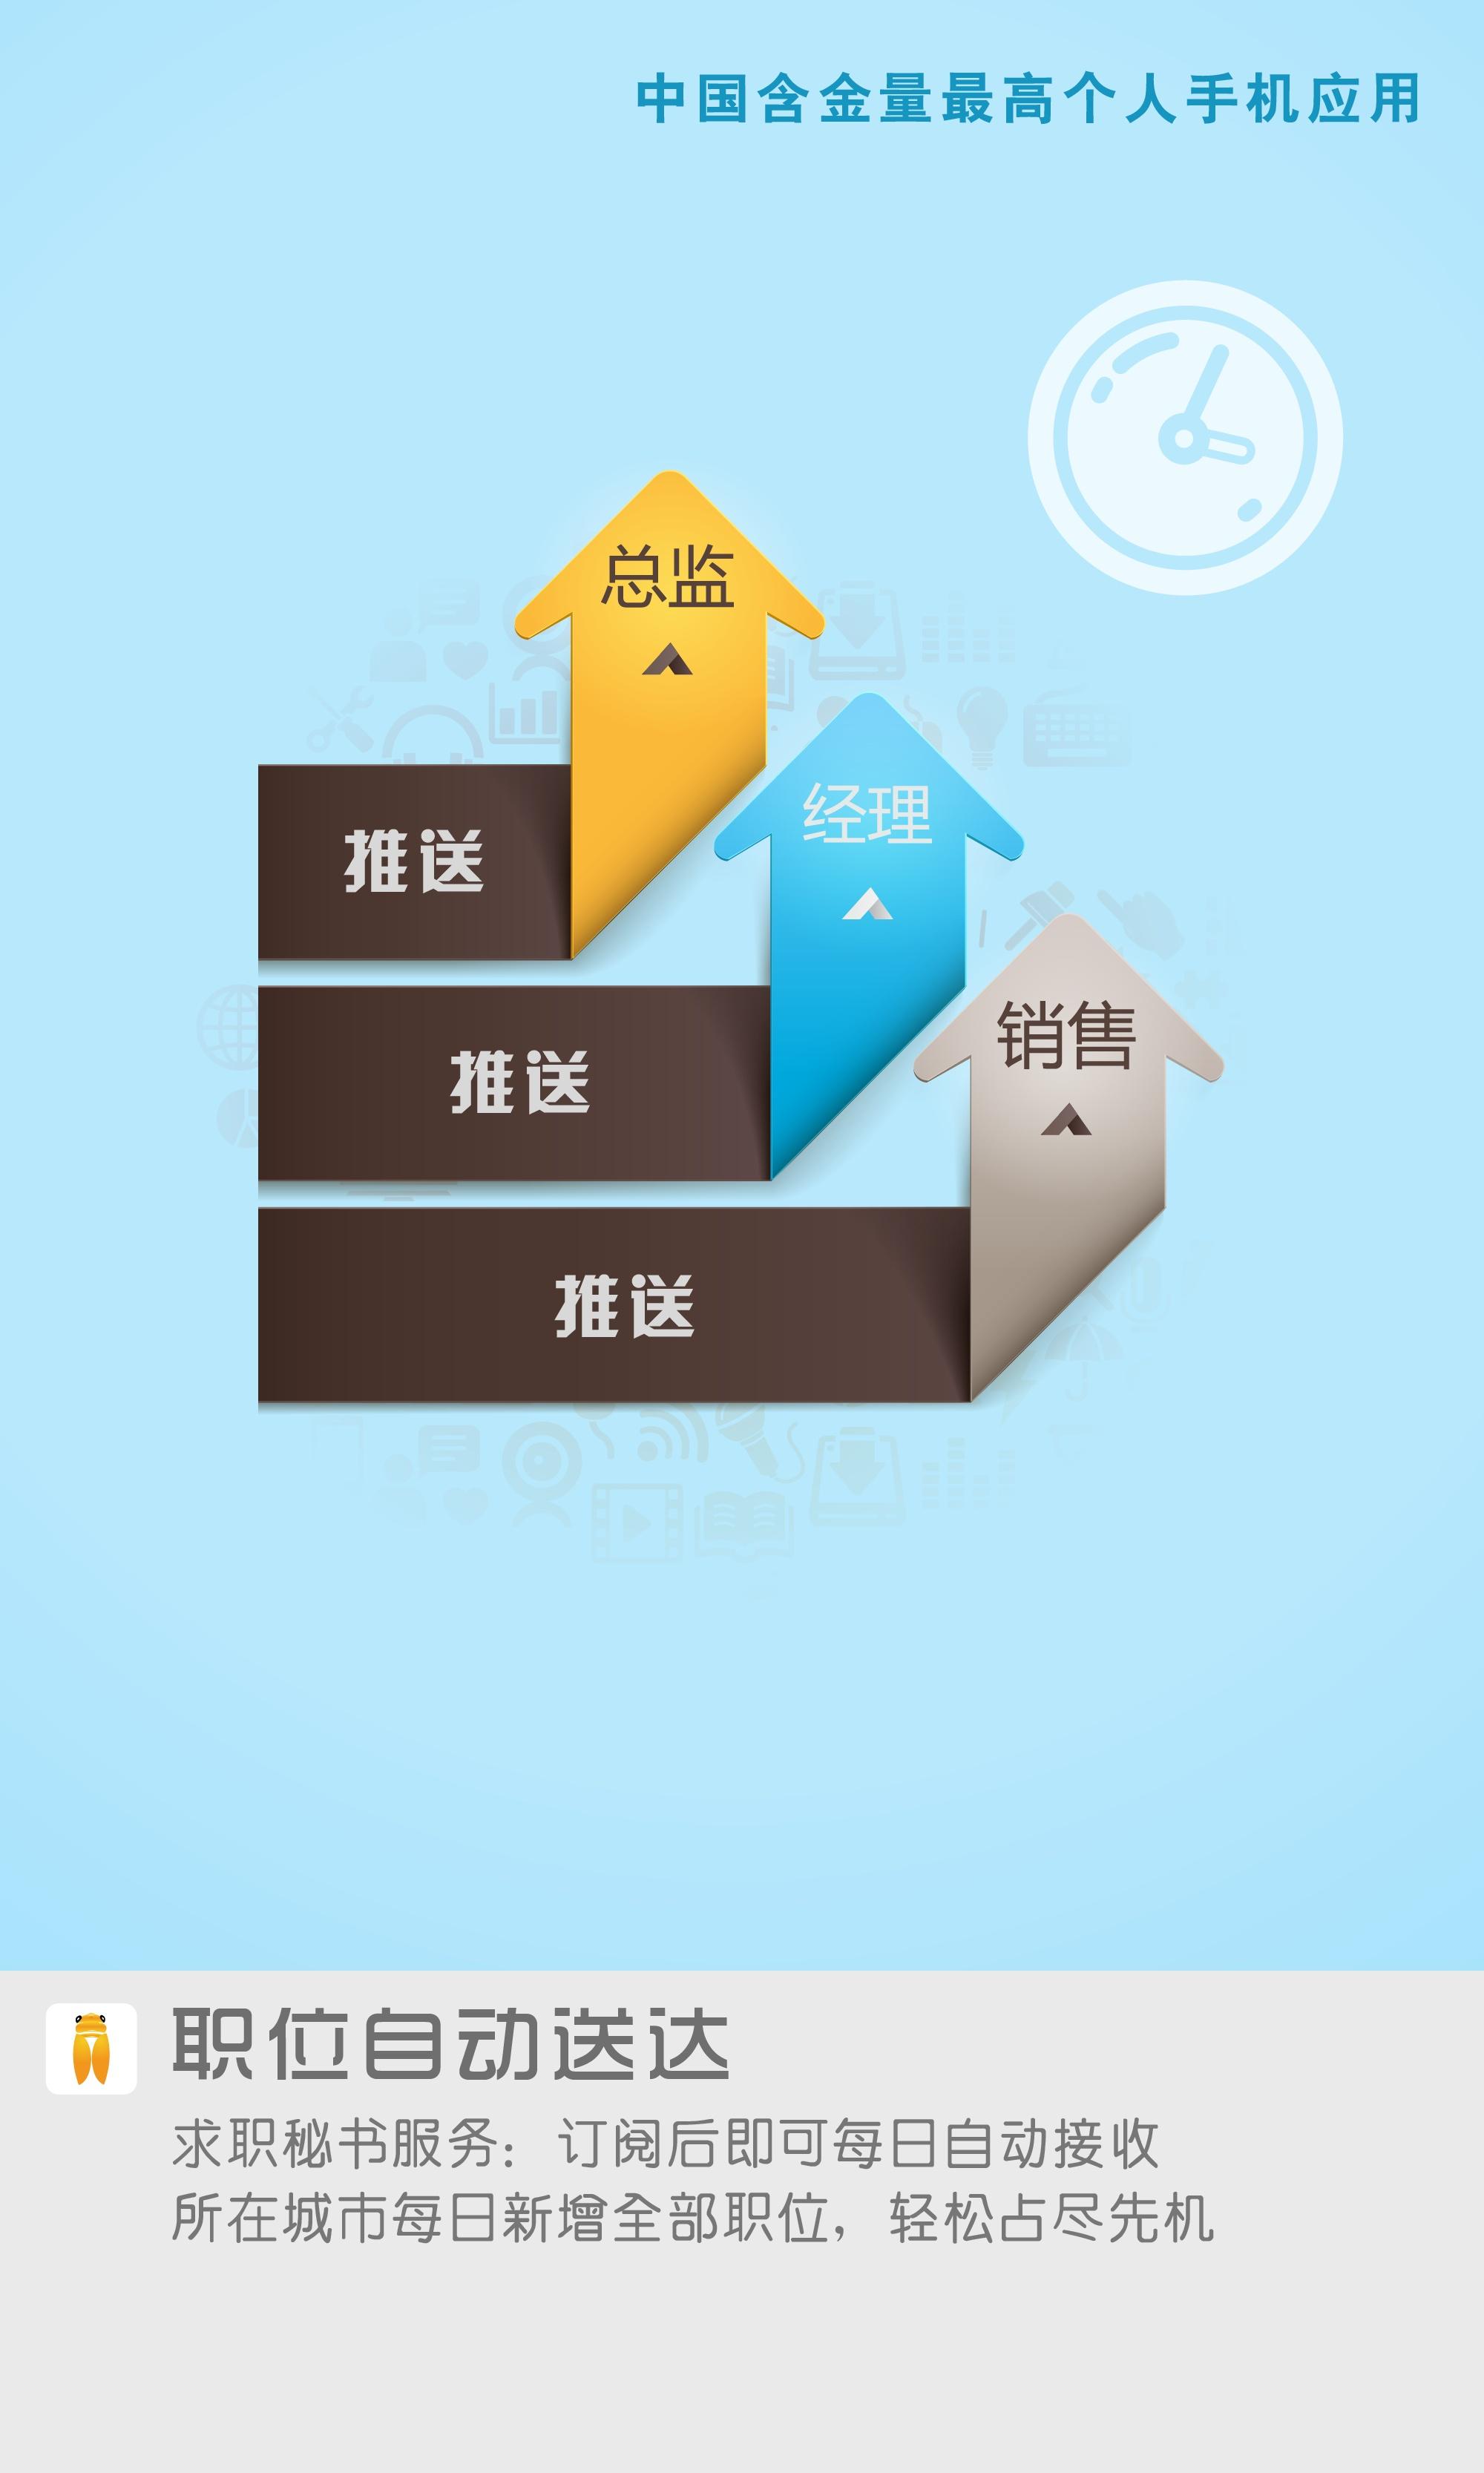 手机ui主题设计-找工作应用如何用proe绘制渐变圆图片